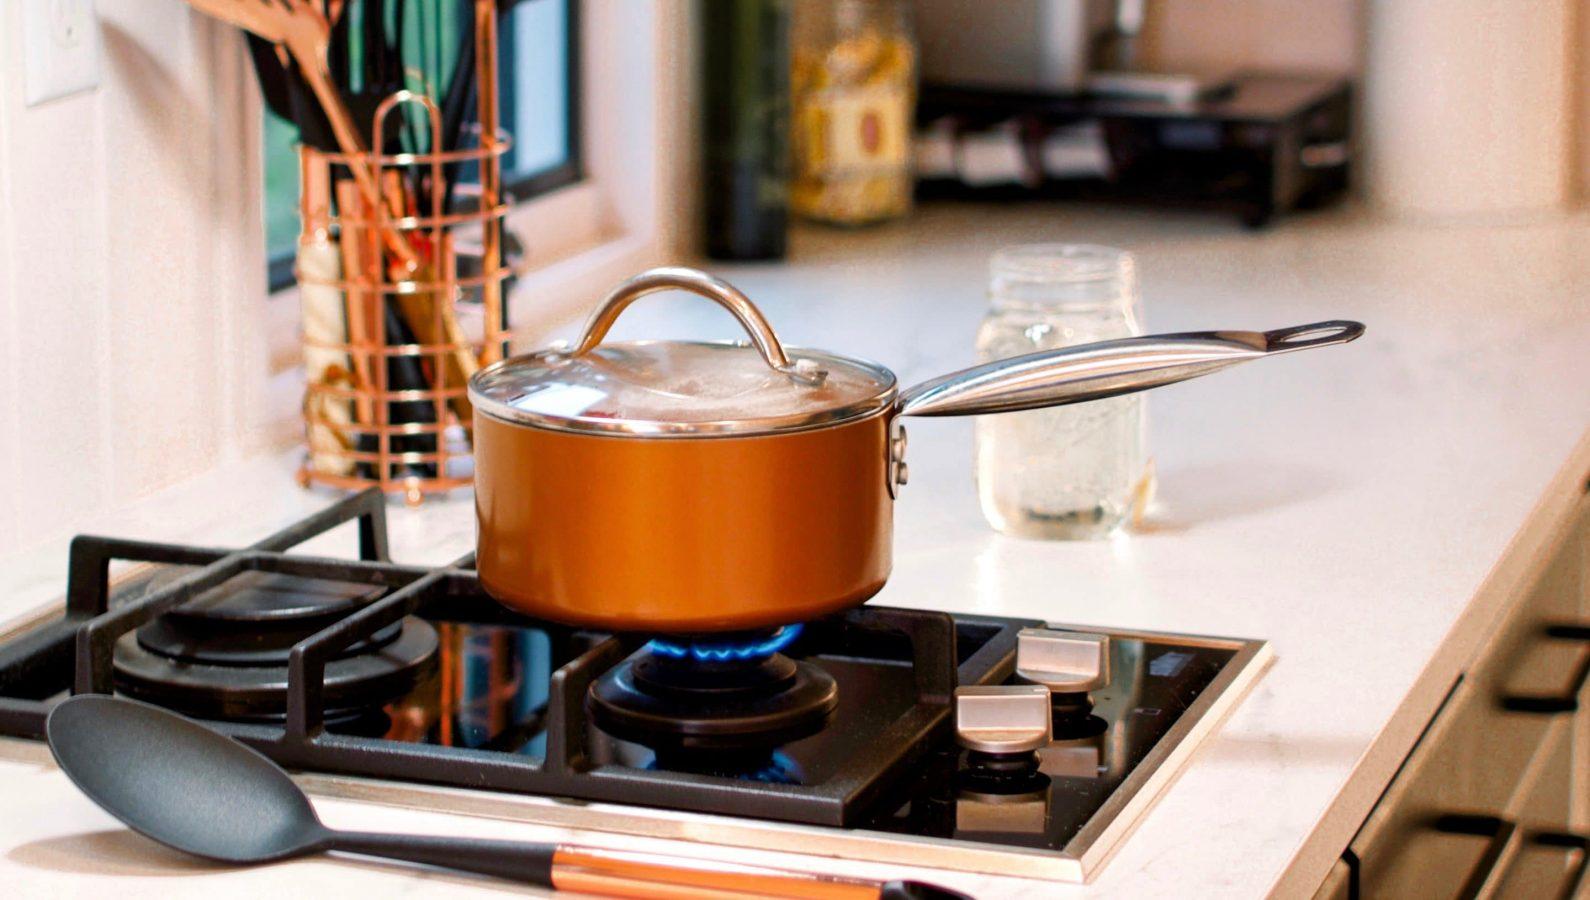 Comment cuisiner en limitant sa consommation énergétique